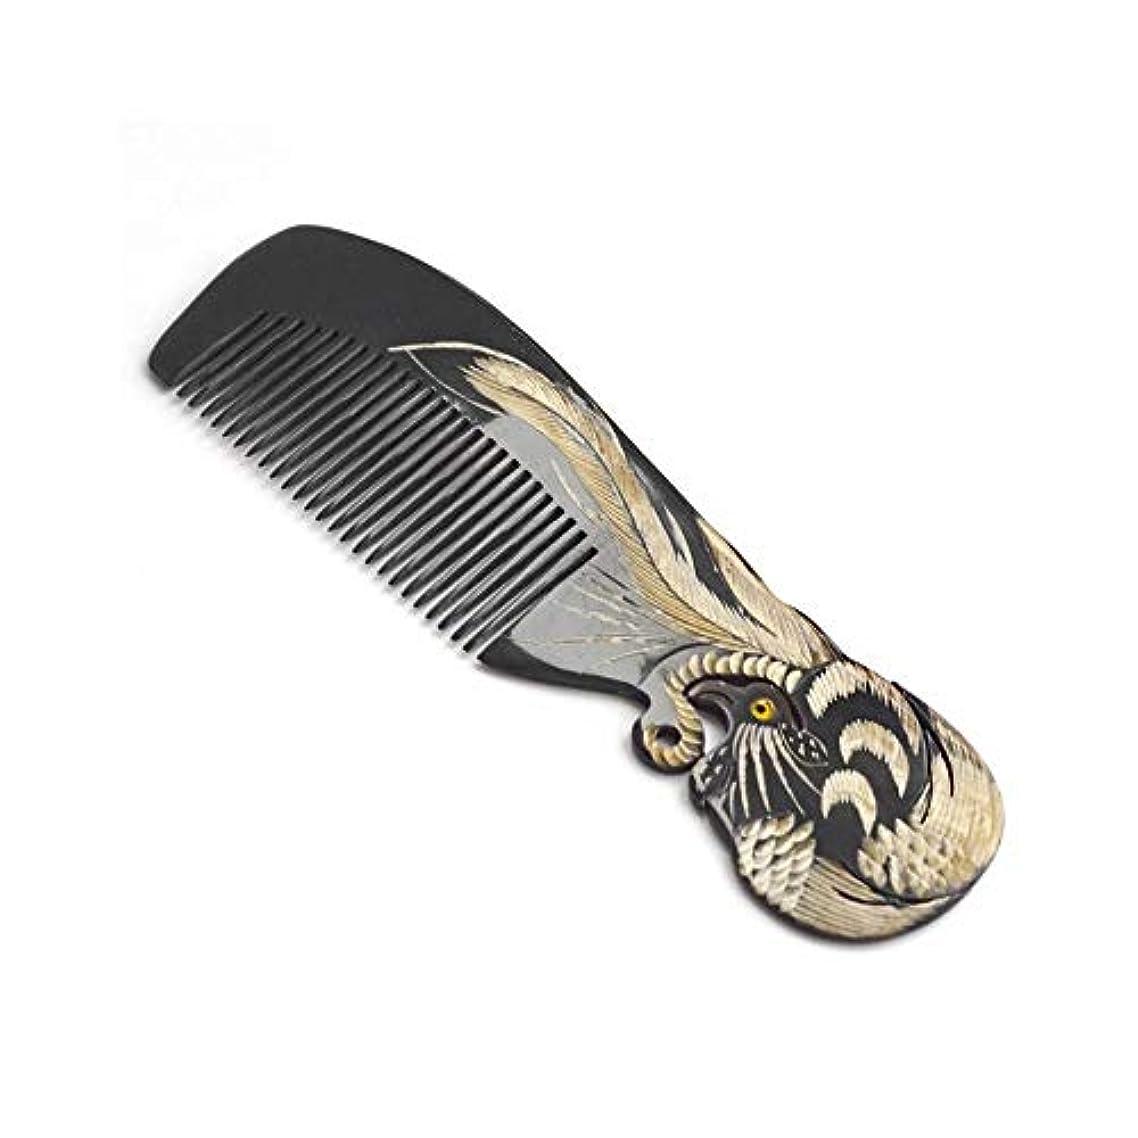 確認する困惑した類推ZYDP 黒髪の櫛の反静的な木の良い歯の櫛 - 天然水牛の角の櫛の孔雀のデザイン (色 : 099B)